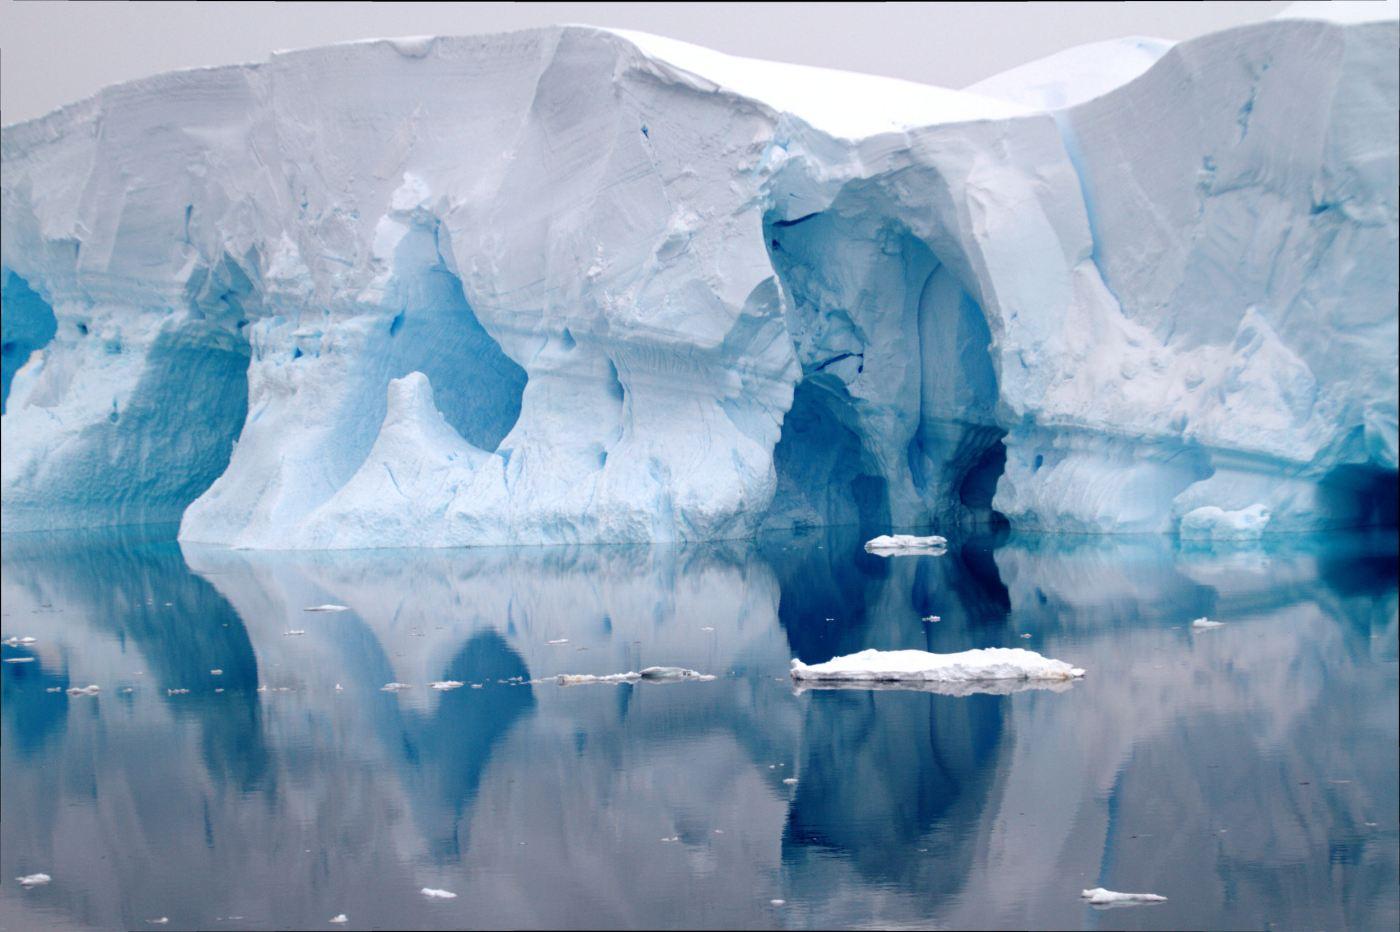 VER TÚNEIS DE GELO: Paradise Harbour é um cenário impactante formado pelo reflexo das geleiras sobre as águas calmas e suas formas abstratas que vão se modificando de acordo com o ponto de vista do viajante (foto: Eduardo Vessoni)